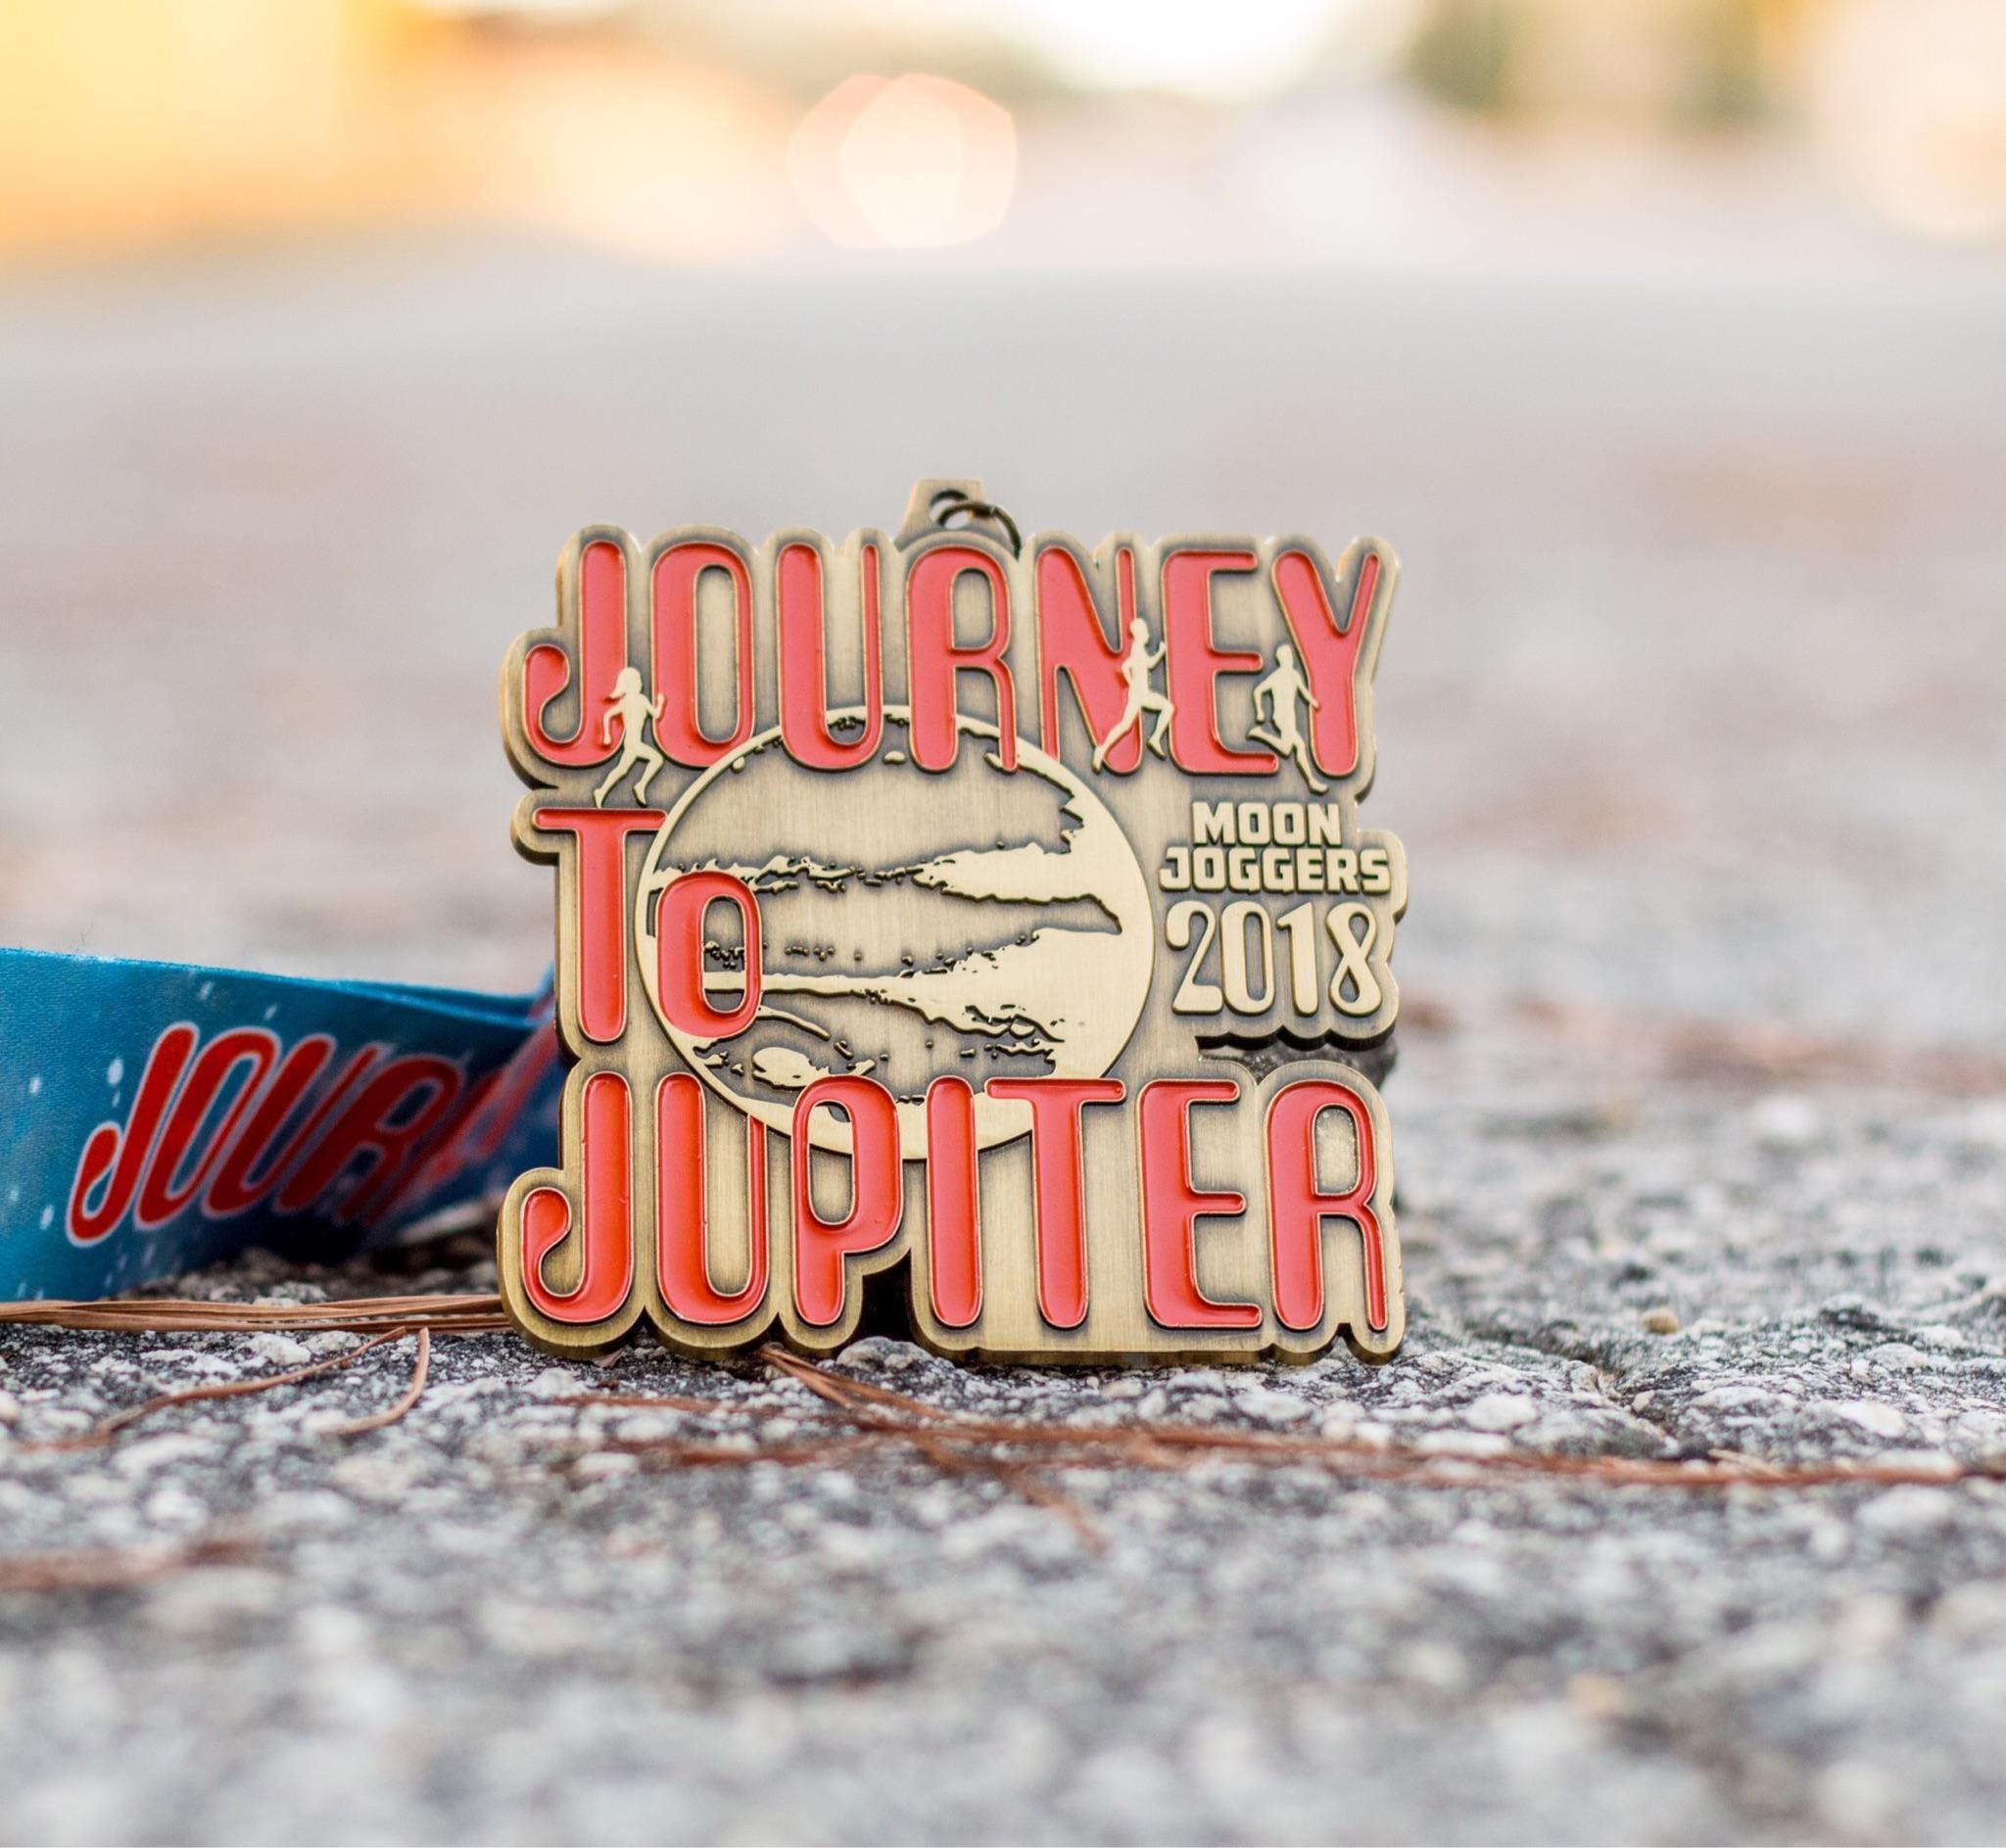 Only $12! Journey to Jupiter Running & Walking Challenge -Phoenix